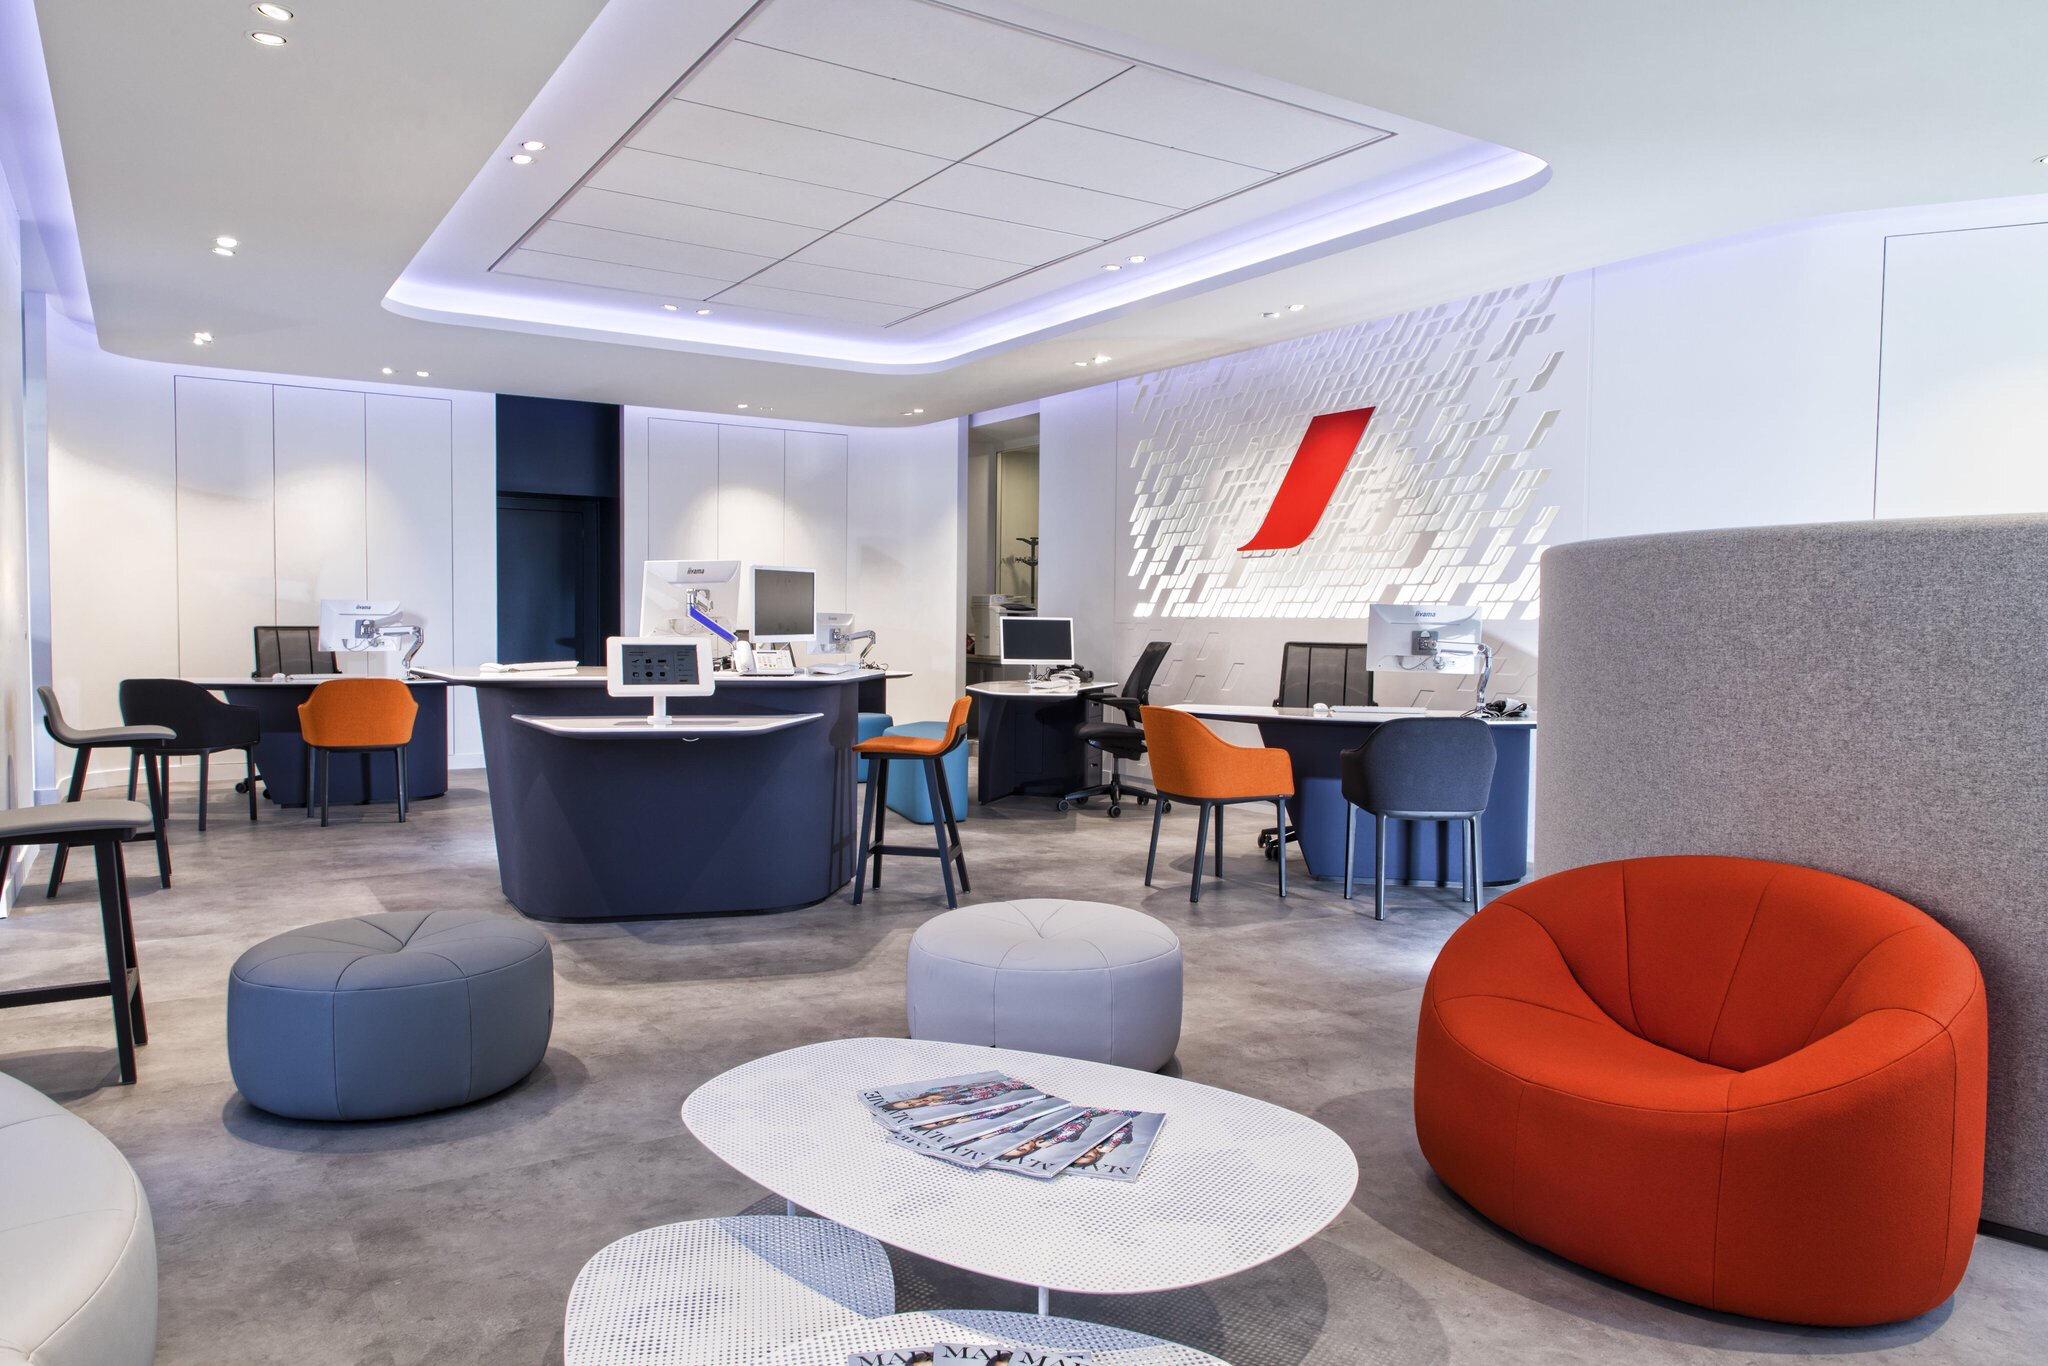 Air France Une Nouvelle Agence Ohlalair Le Design Dans Les Avions